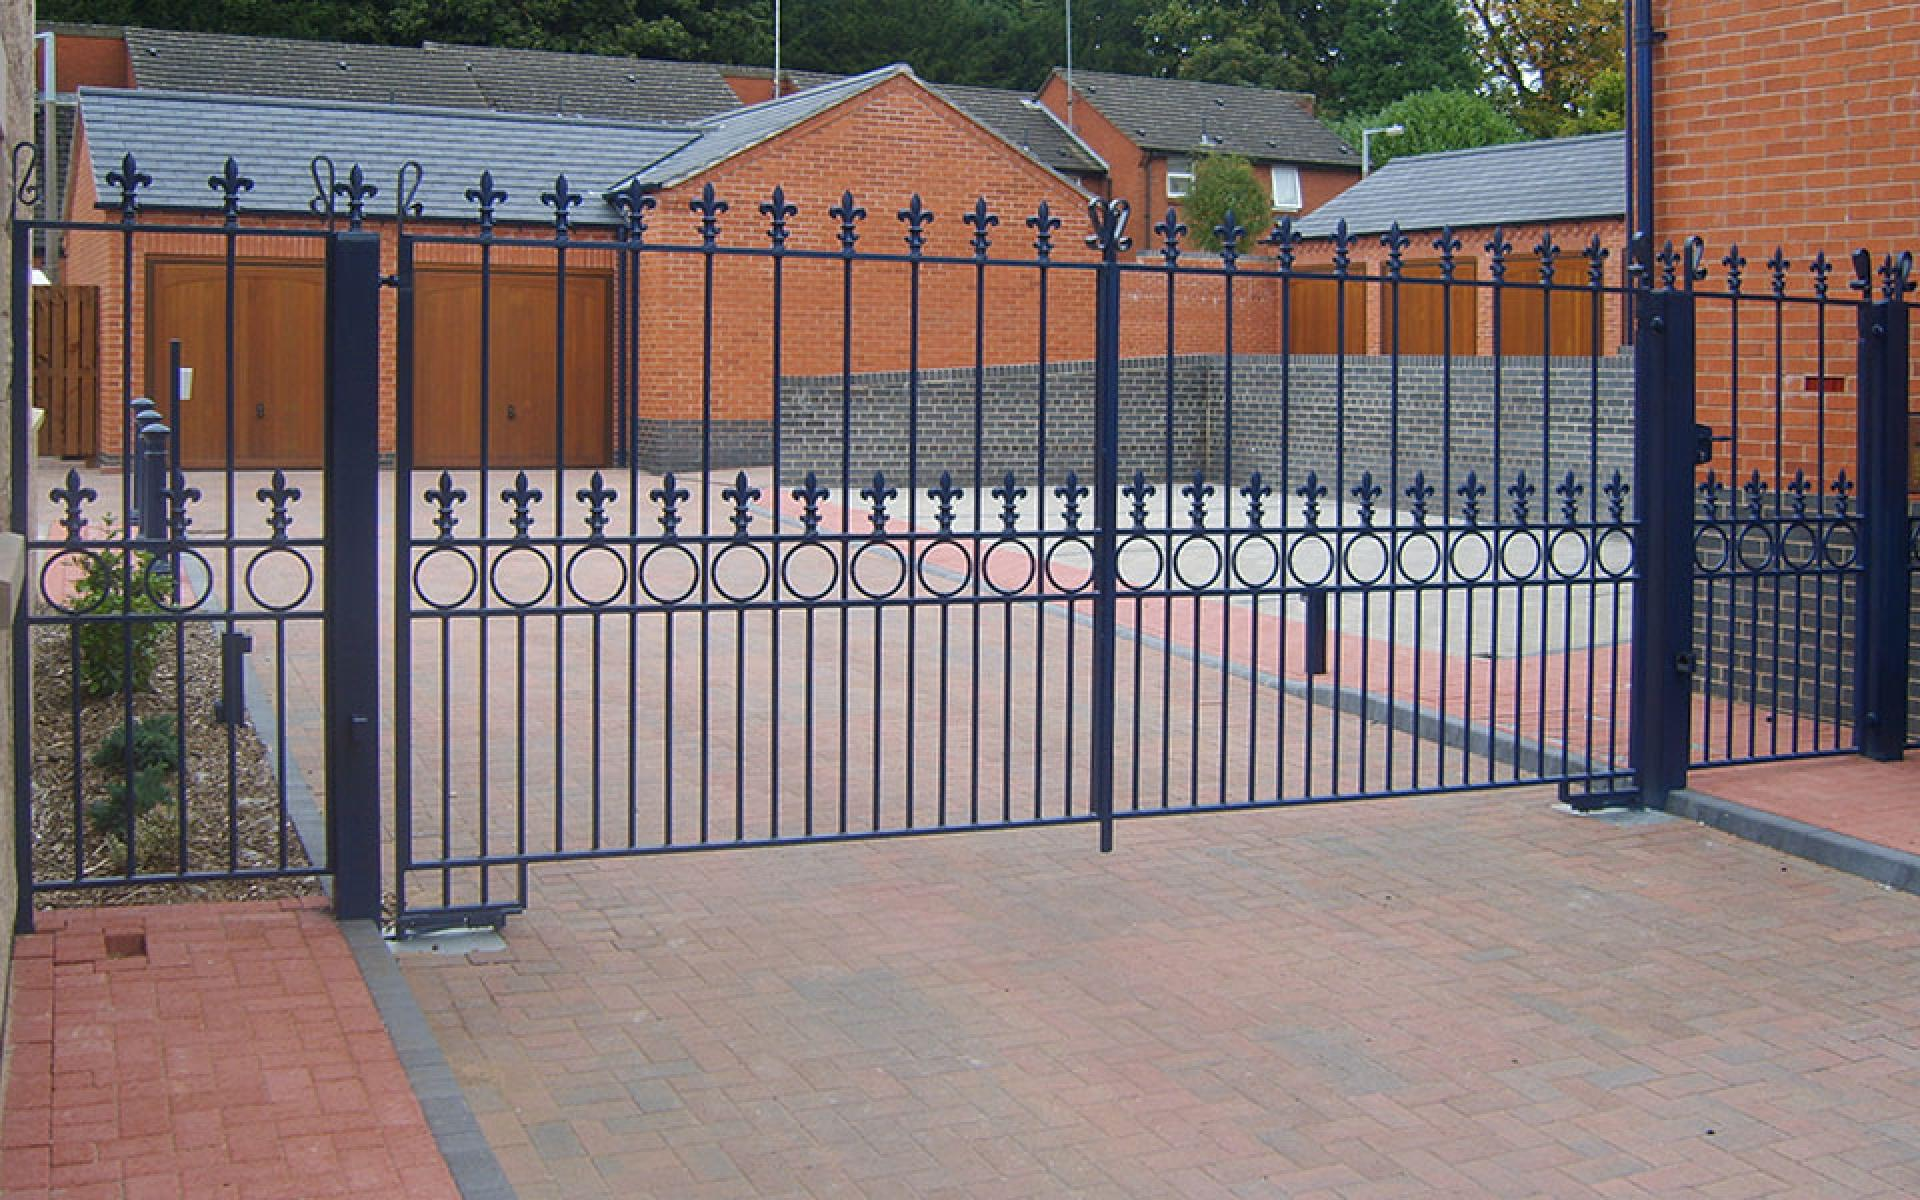 Alfreton wrought iron gate (Courtesy of Automation Gates)